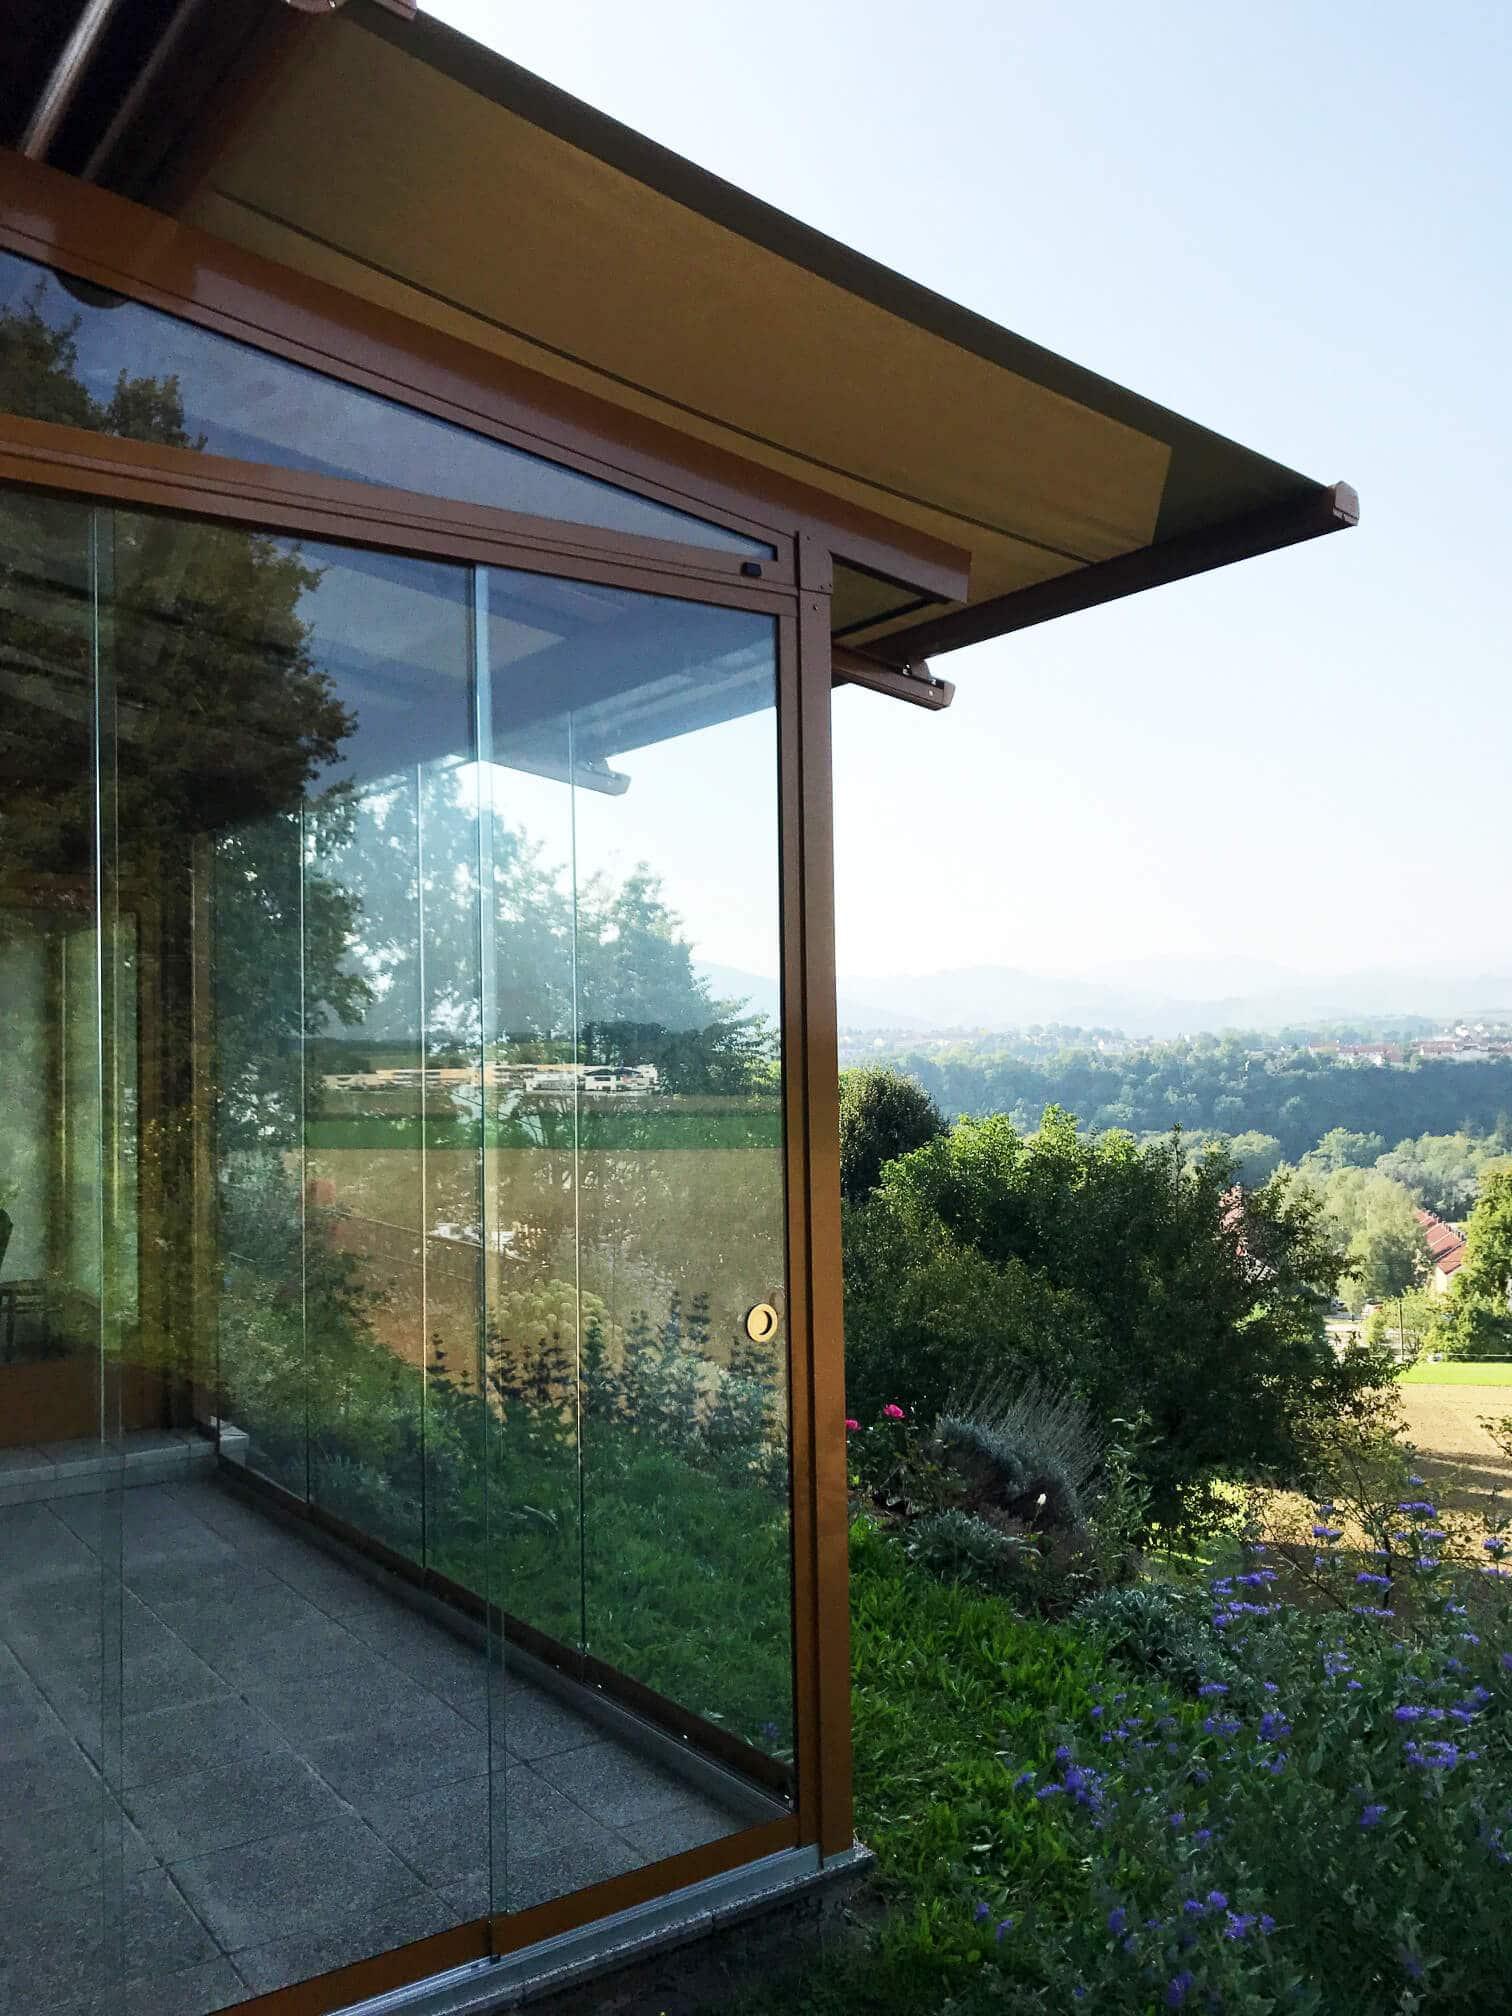 sommergarten auf terrasse mit beschattung - windschutz